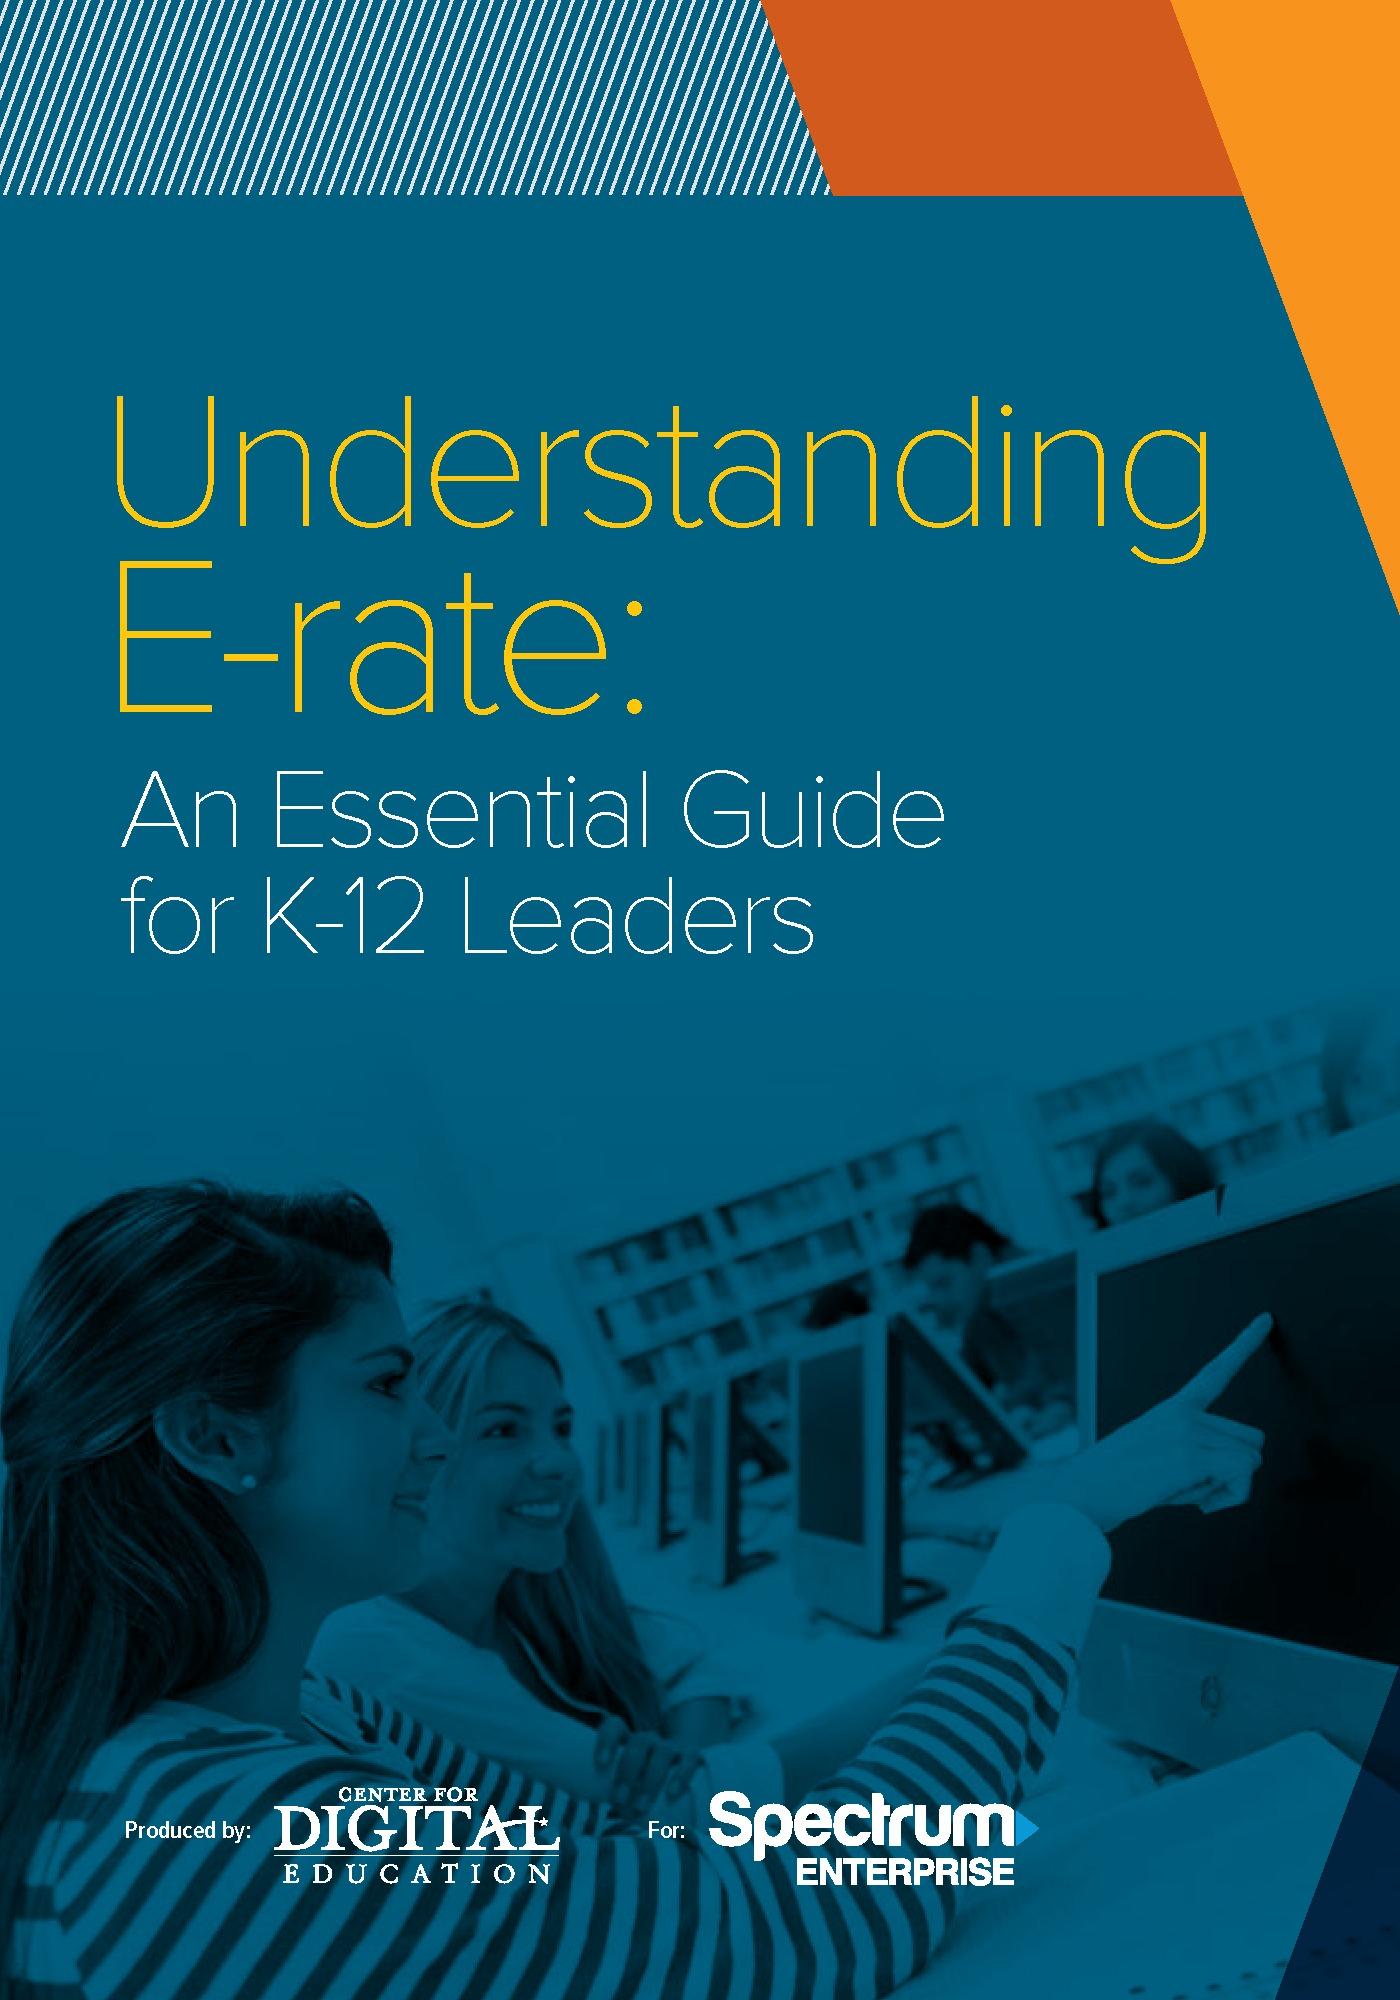 CDE - Spectrum - Handbook - 181121 - Understanding E-rate